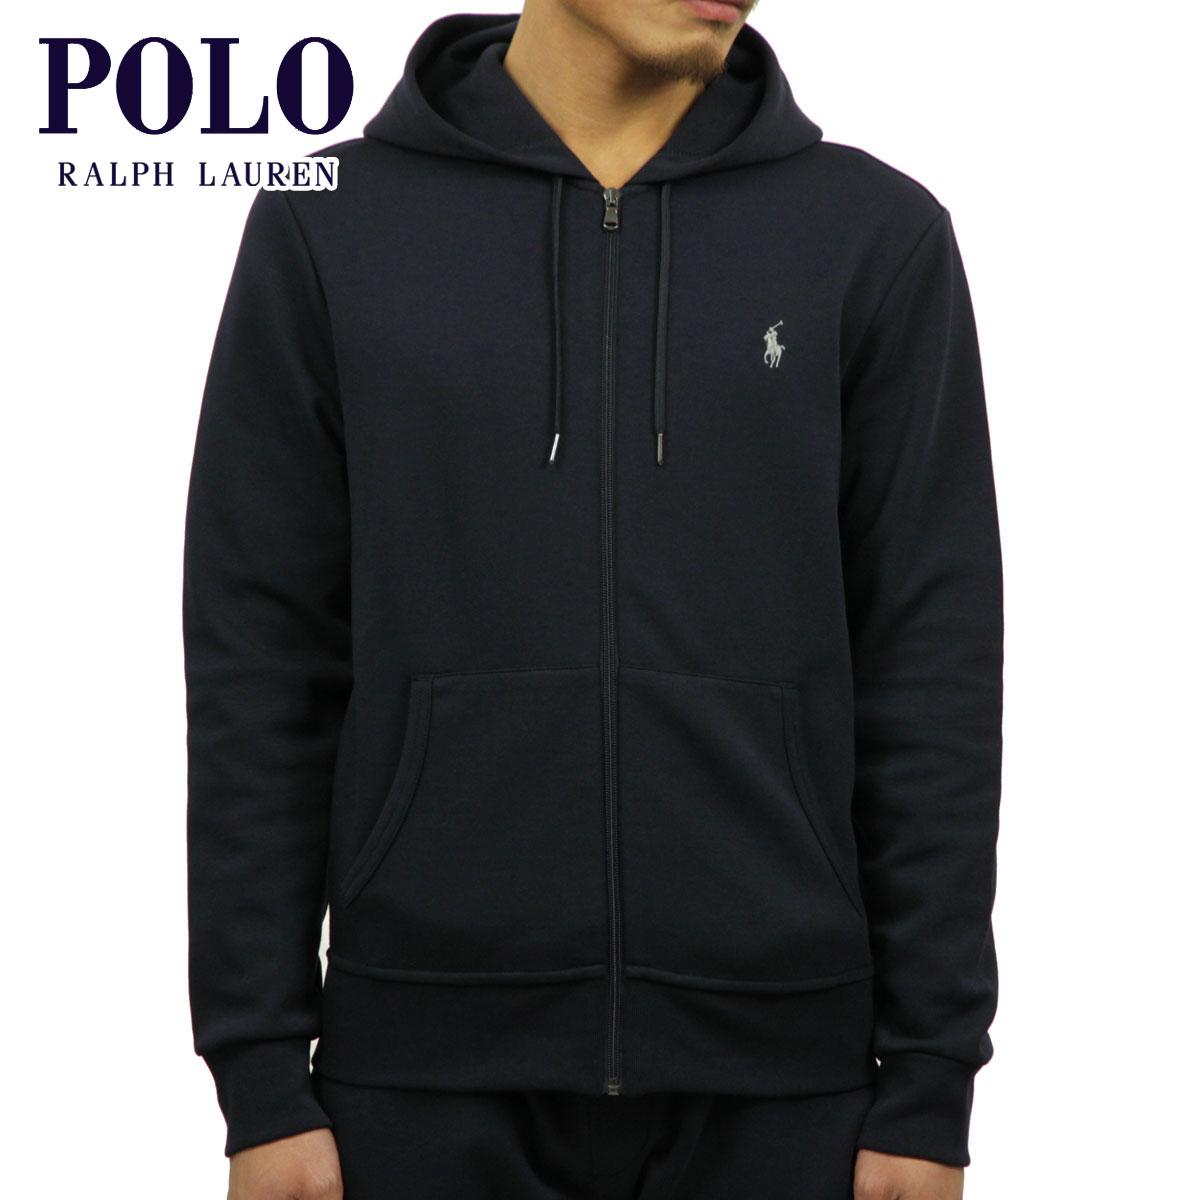 8391597b82ae4 Polo Ralph Lauren POLO RALPH LAUREN regular article men zip up parka  DOUBLE-KNIT FULL-ZIP HOODIE